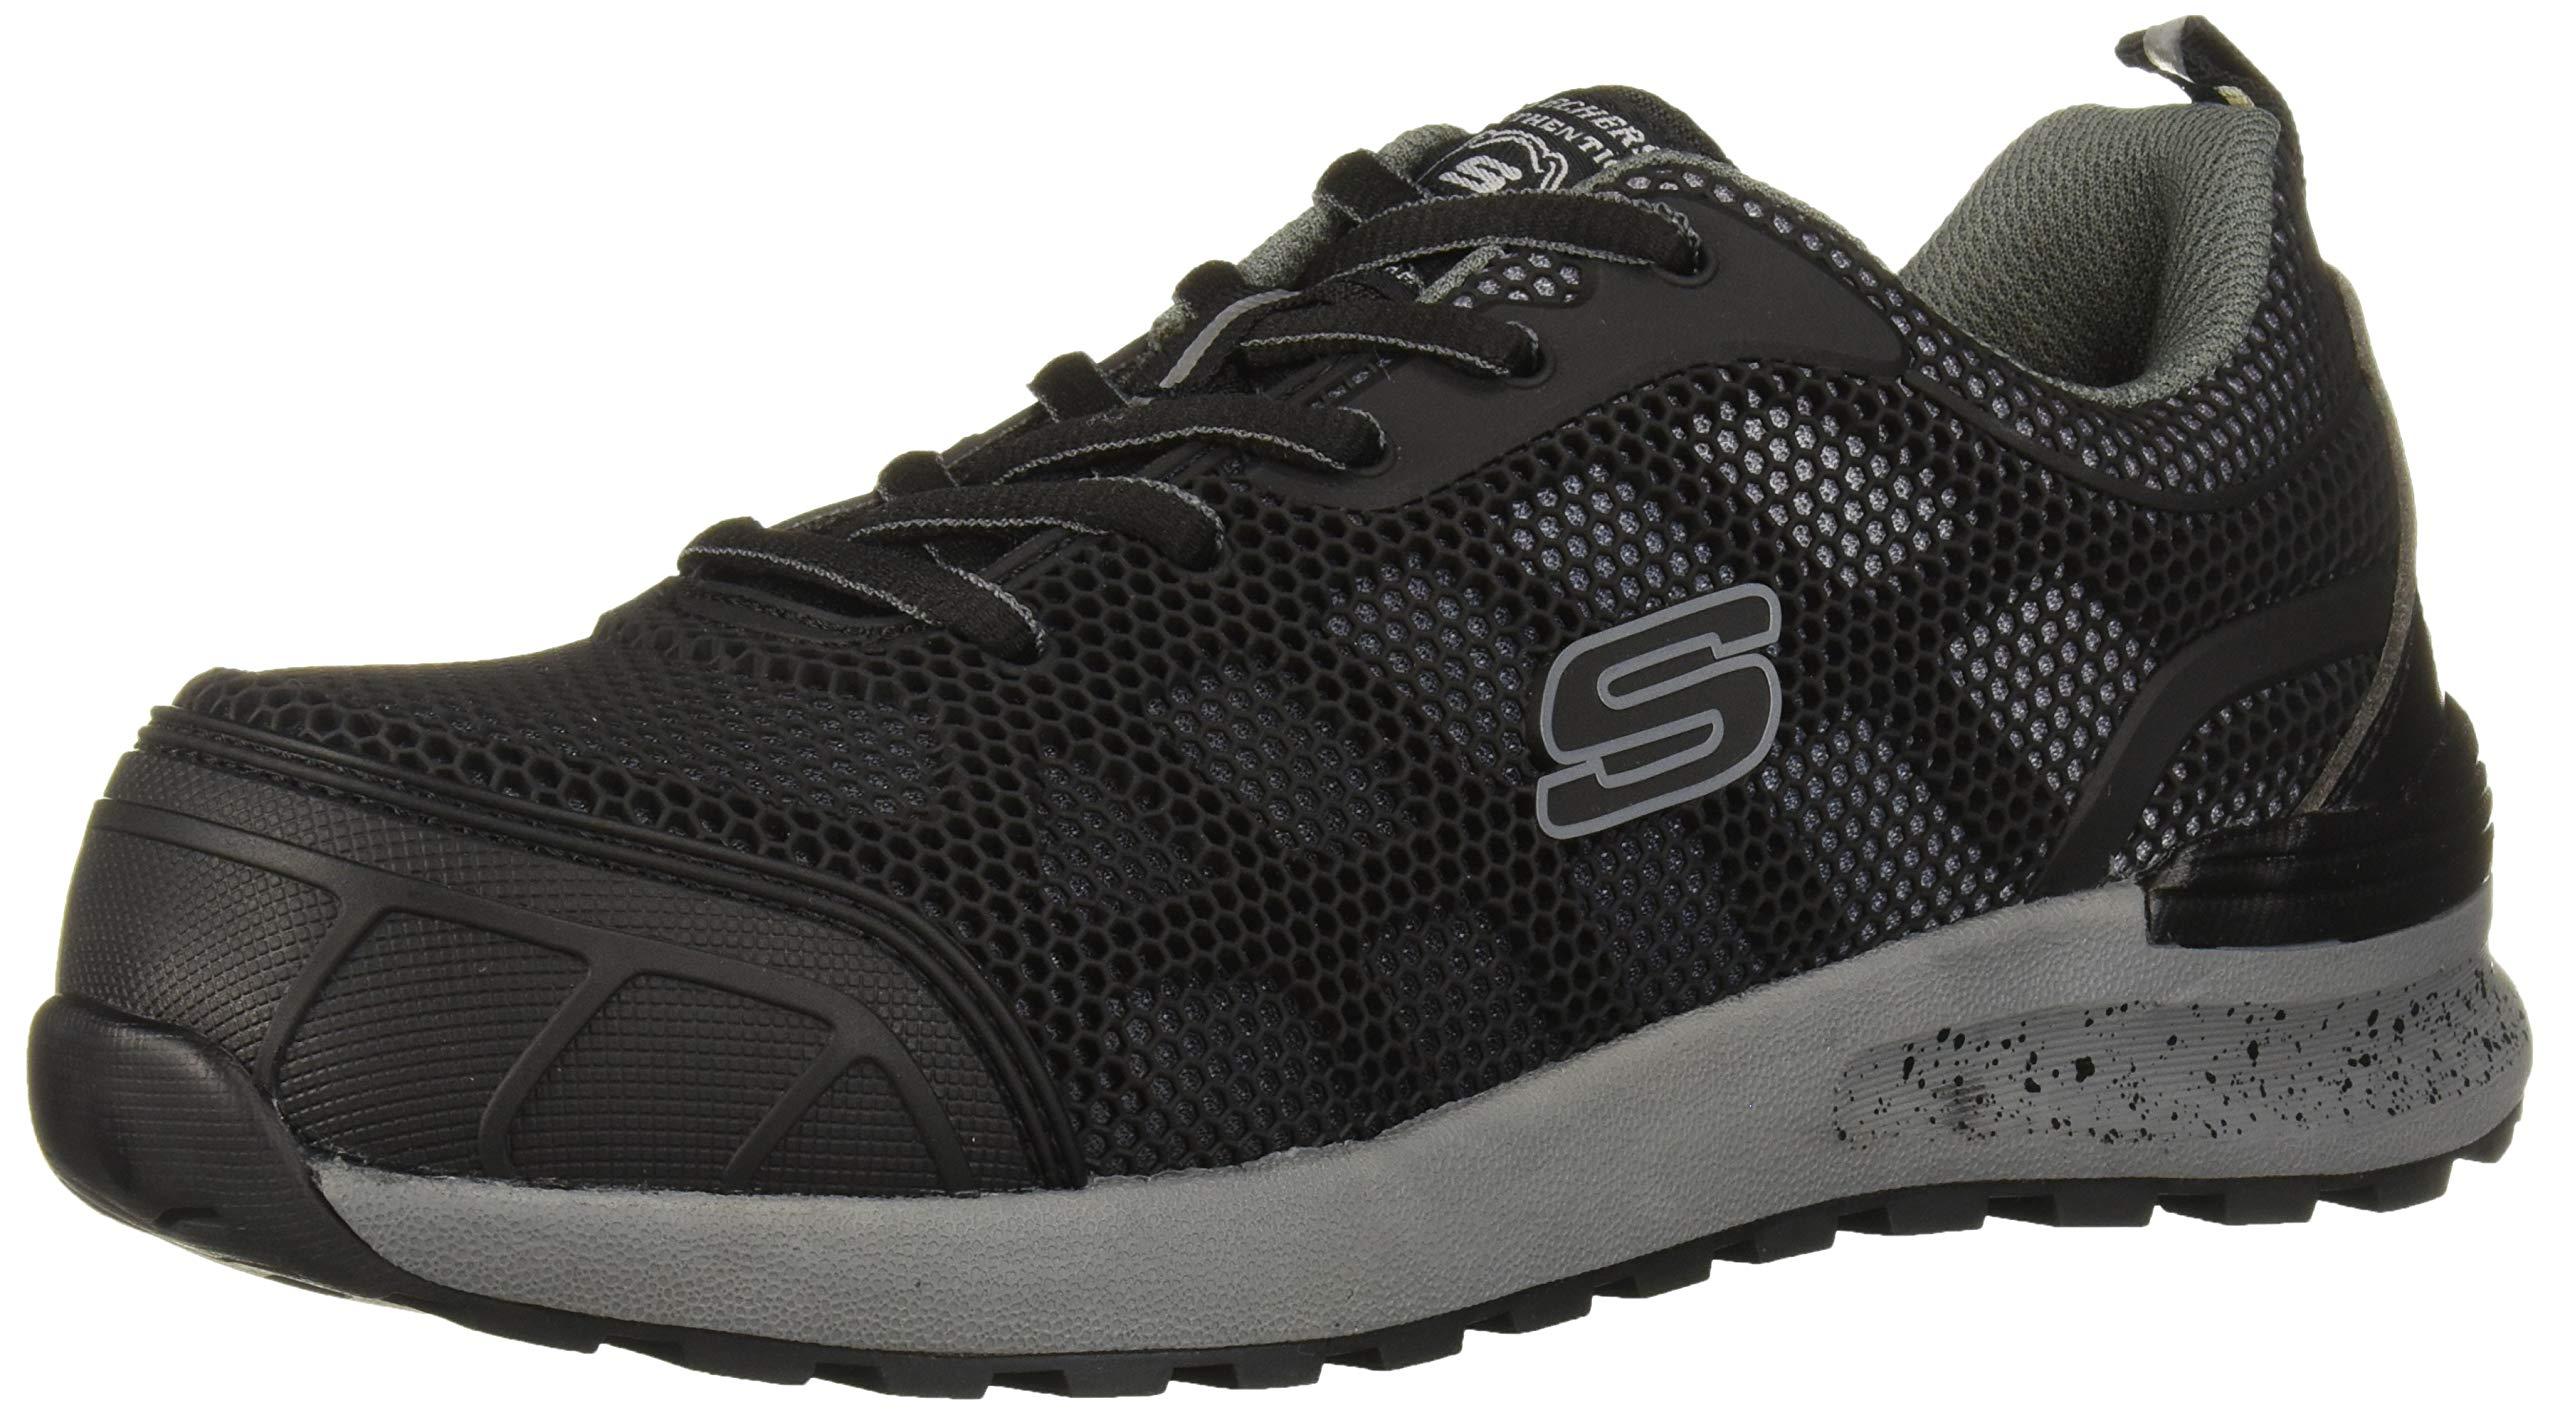 Skechers Women's Bulklin-Lyndale Industrial Shoe, Black/Gray, 8.5 M US by Skechers